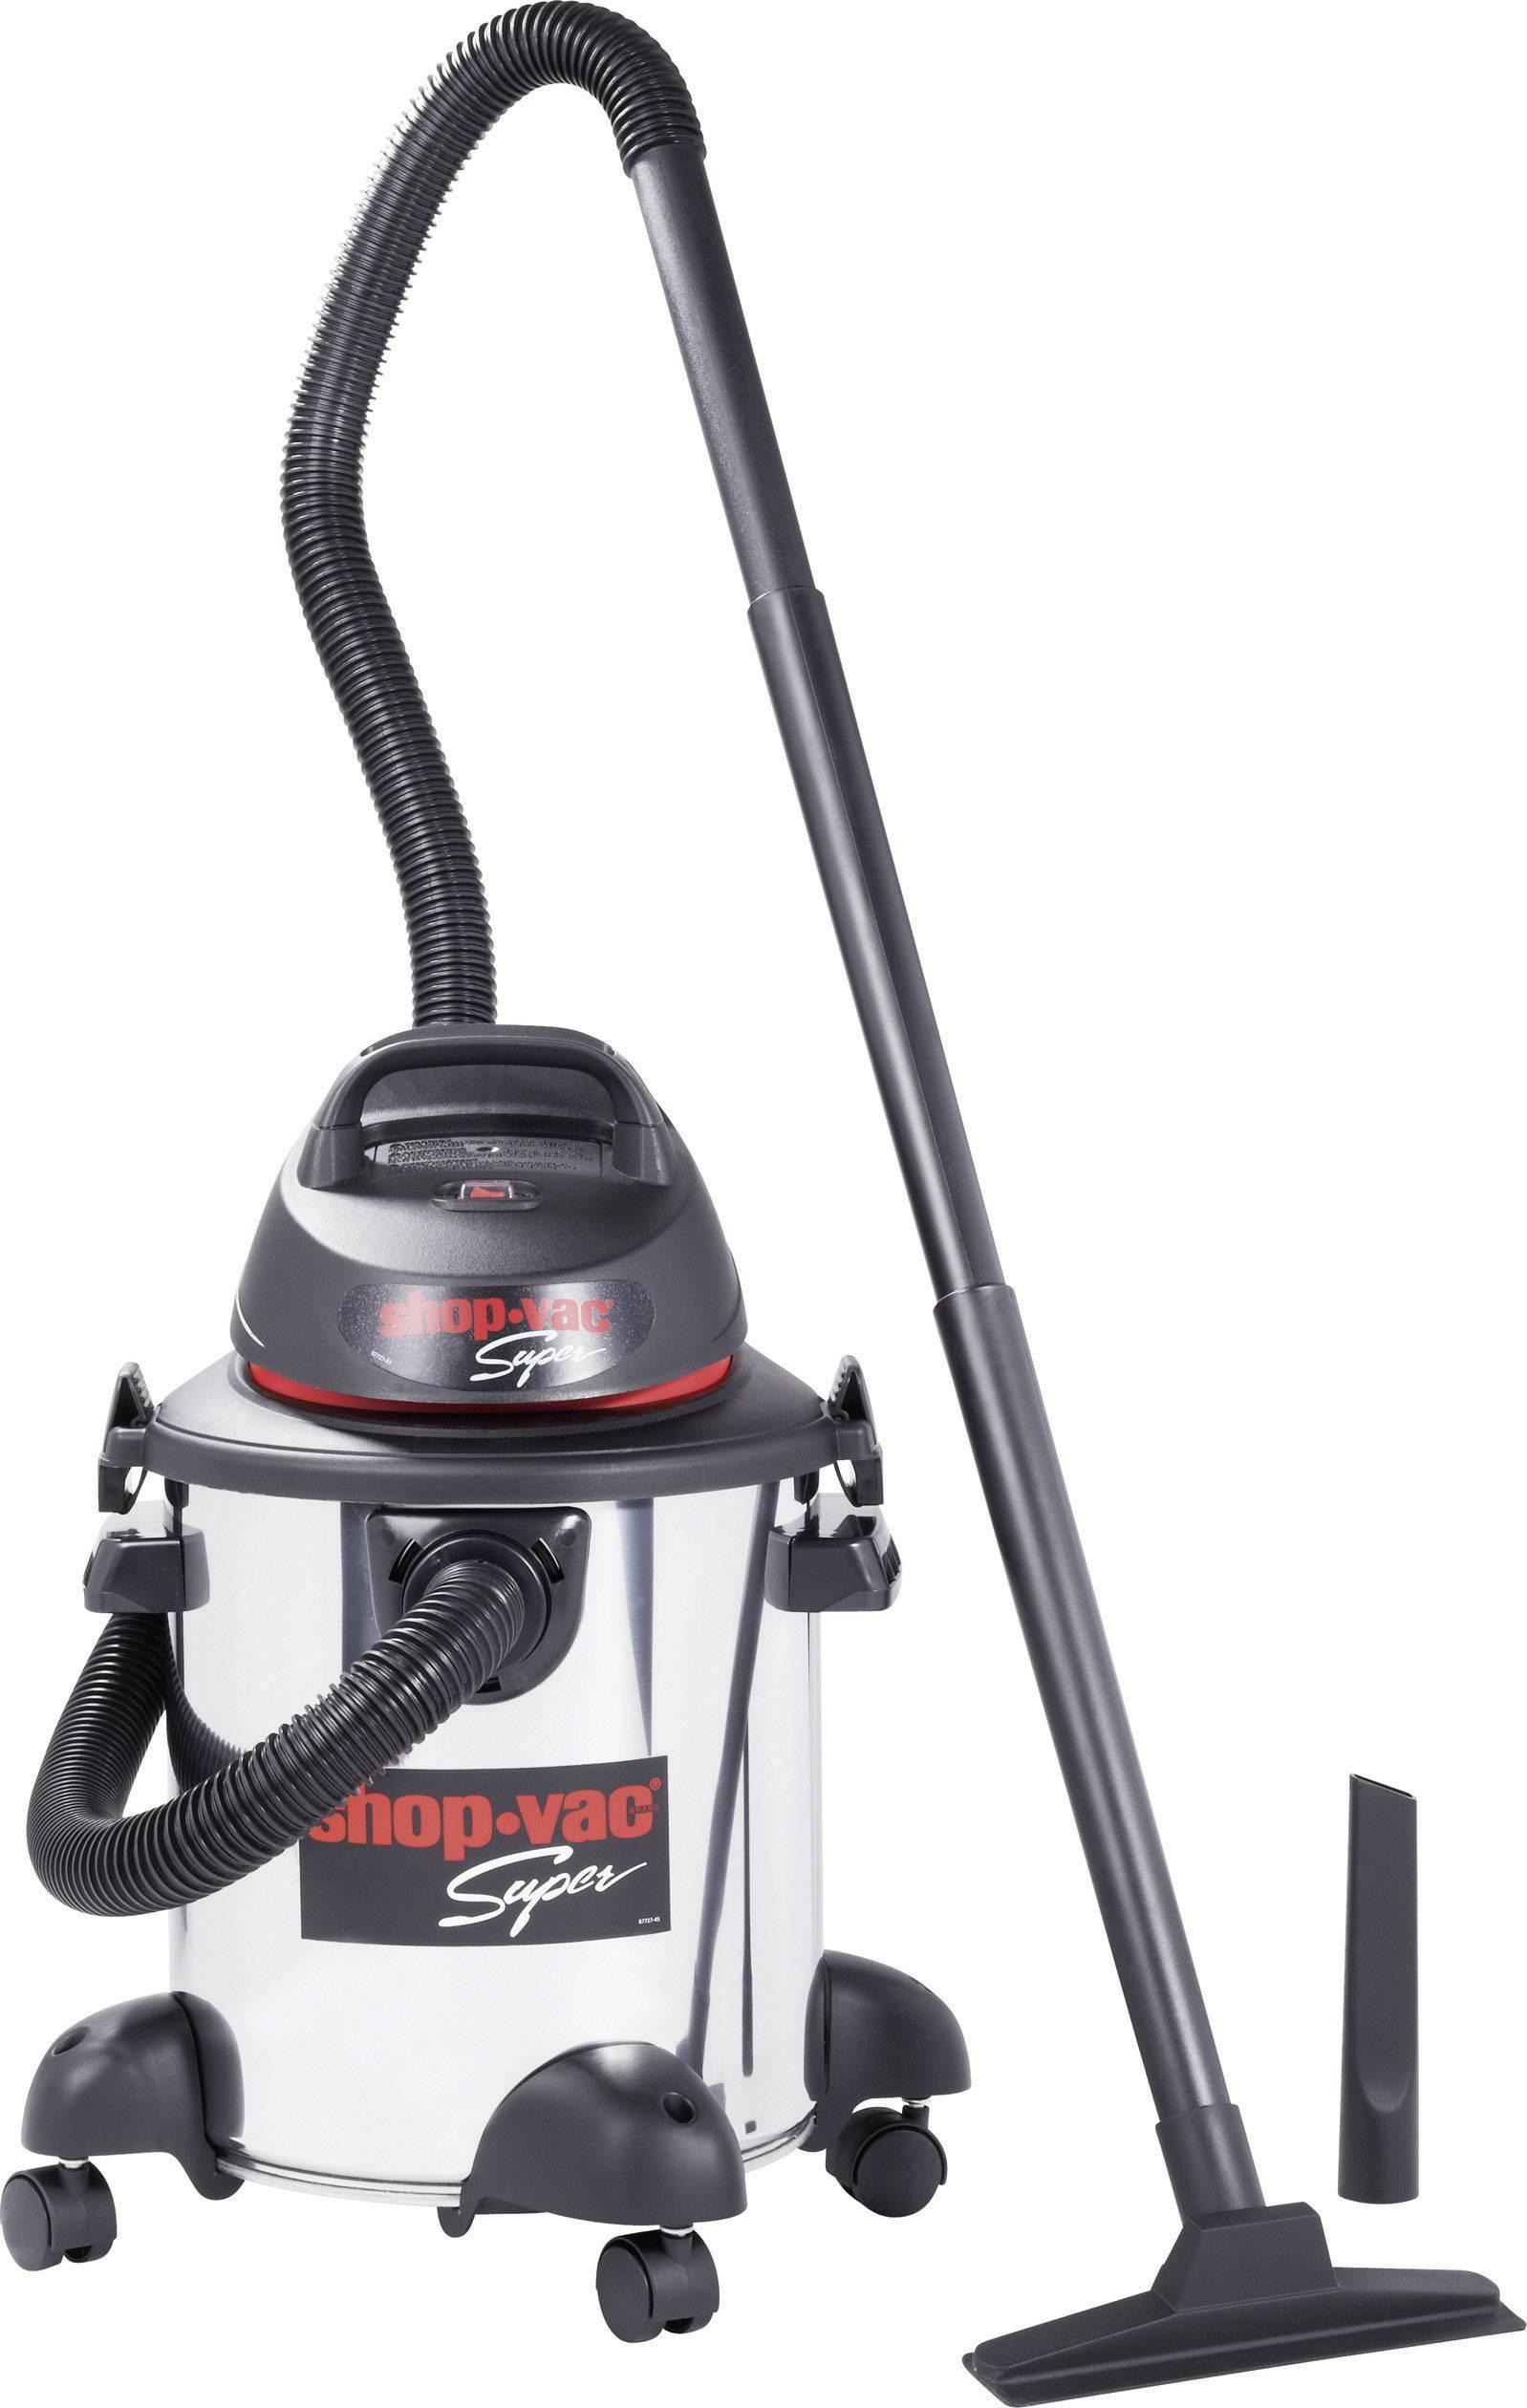 Vysavač pro mokré a suché vysávání ShopVac Super 1300 INOX, 1300 W, 20 l, nerez